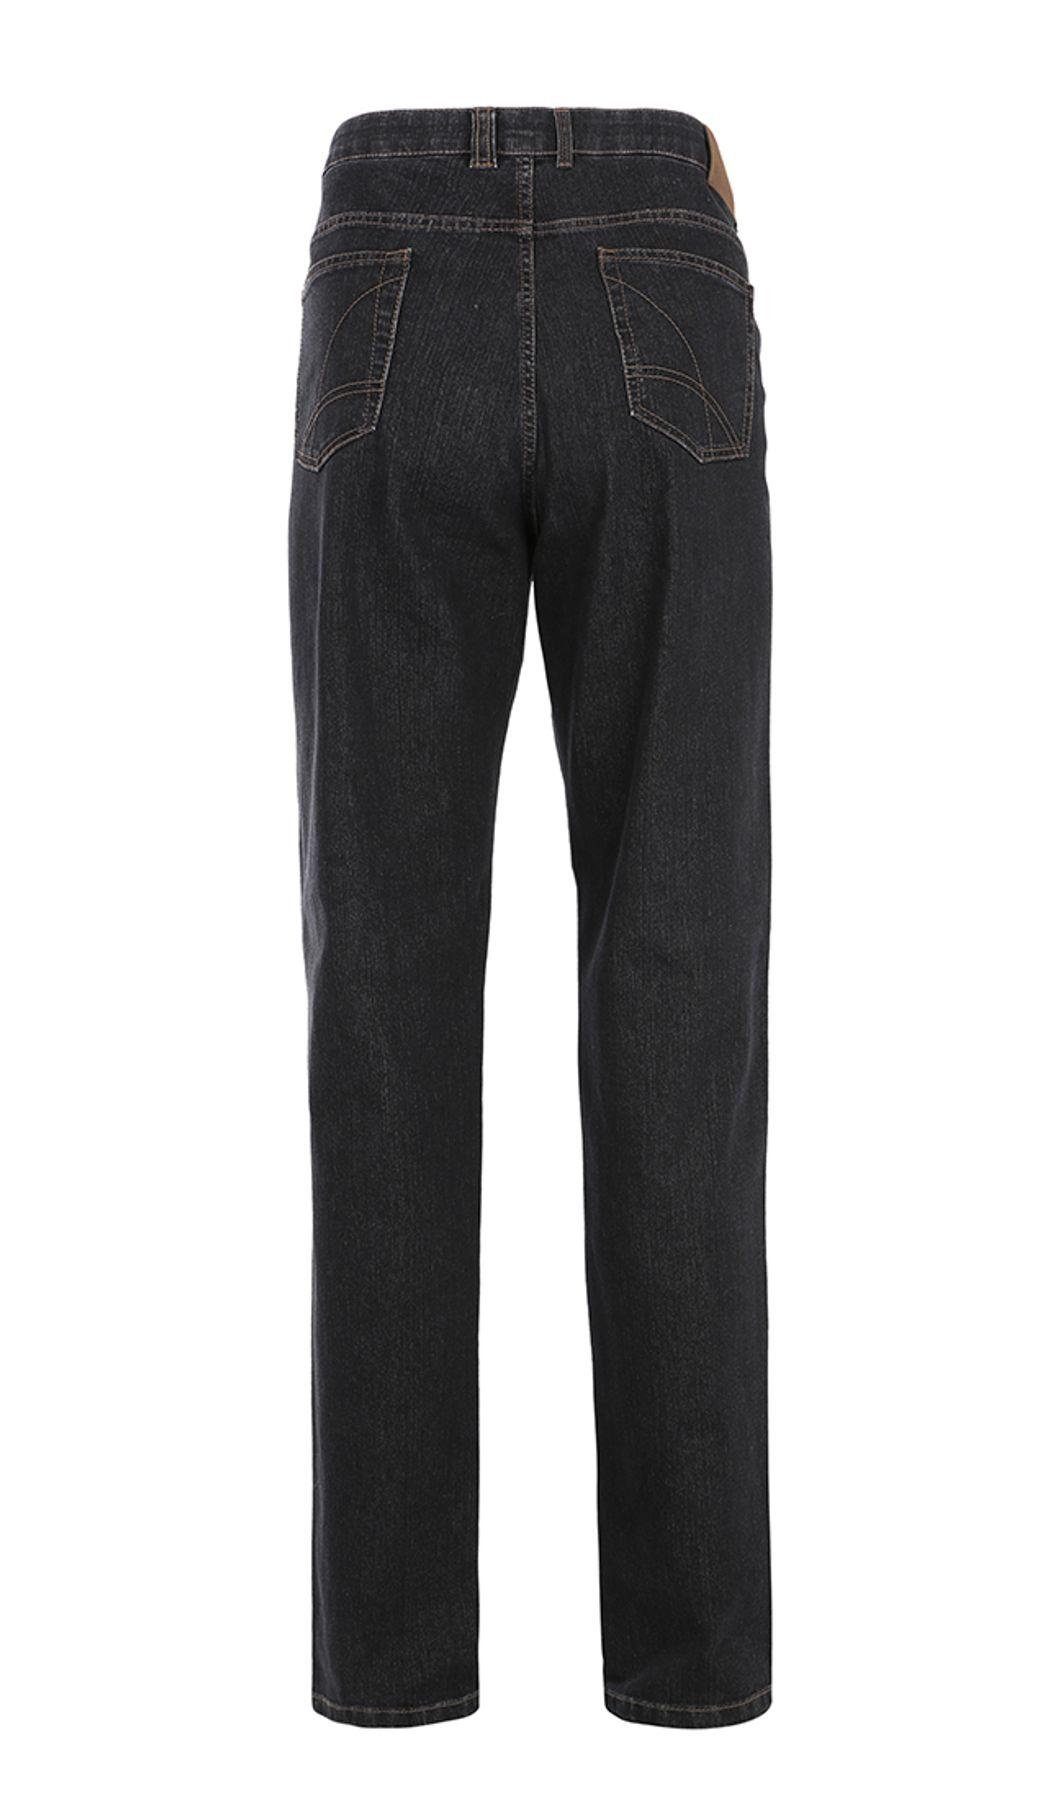 Brühl - Herren 5-Pocket Jeans in verschiedenen Farben, Genua (0011003142100) – Bild 7